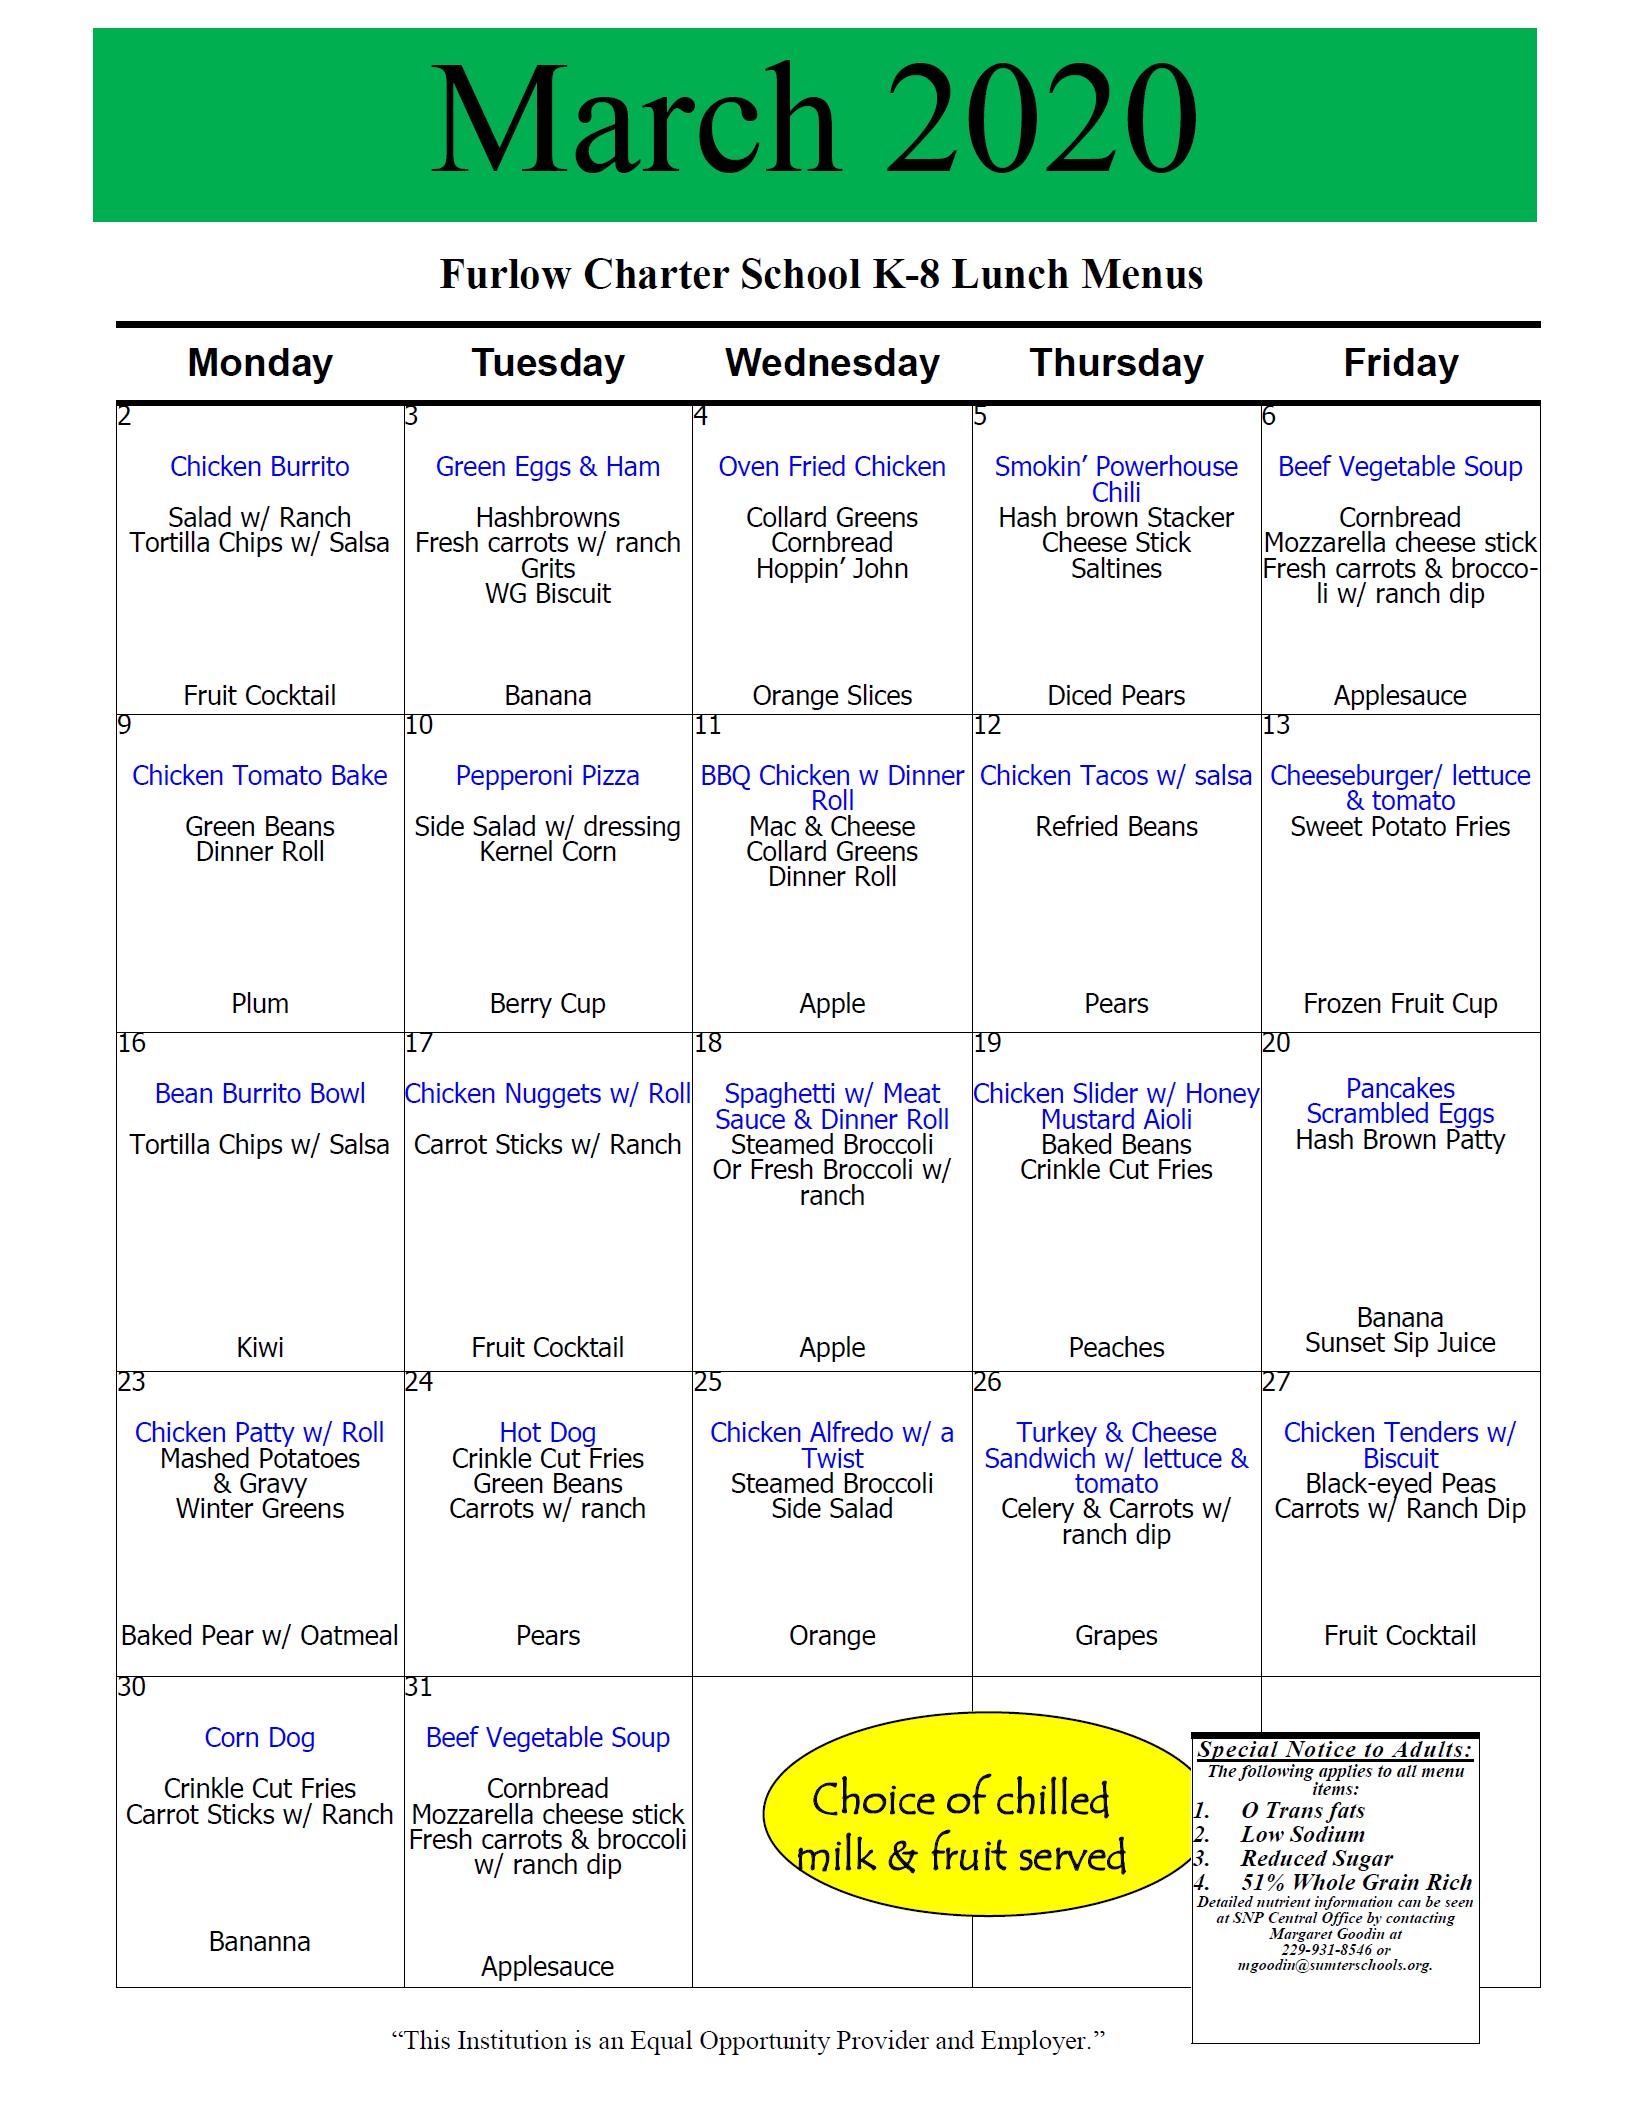 March 2020 School Lunch Menu